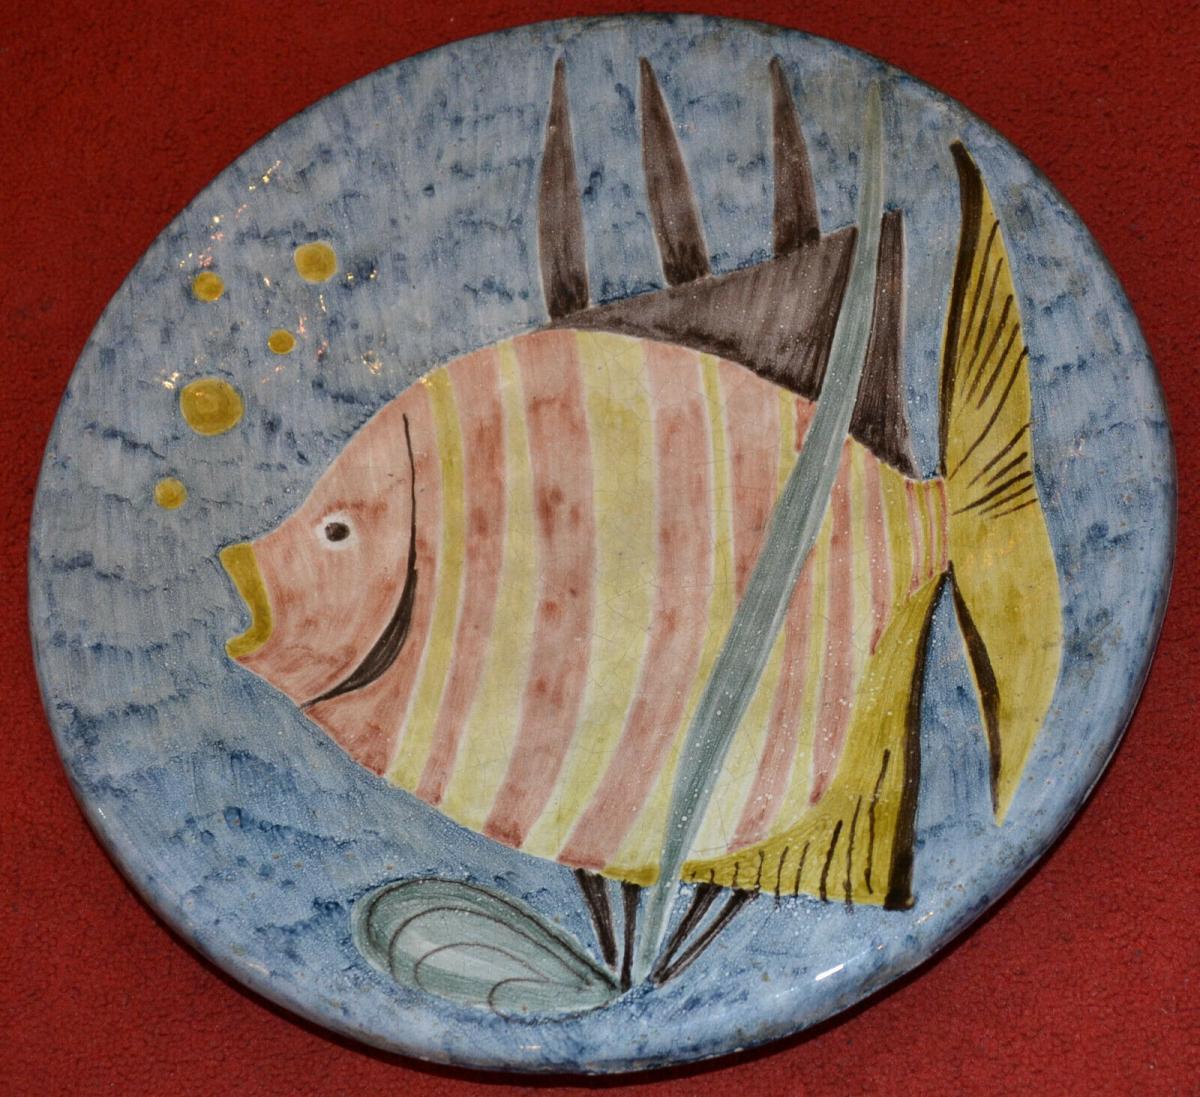 Keramikteller,Wand, Werkstätte Drewes-Zimmermann Schüler v. Feininger,Bauhaus 1